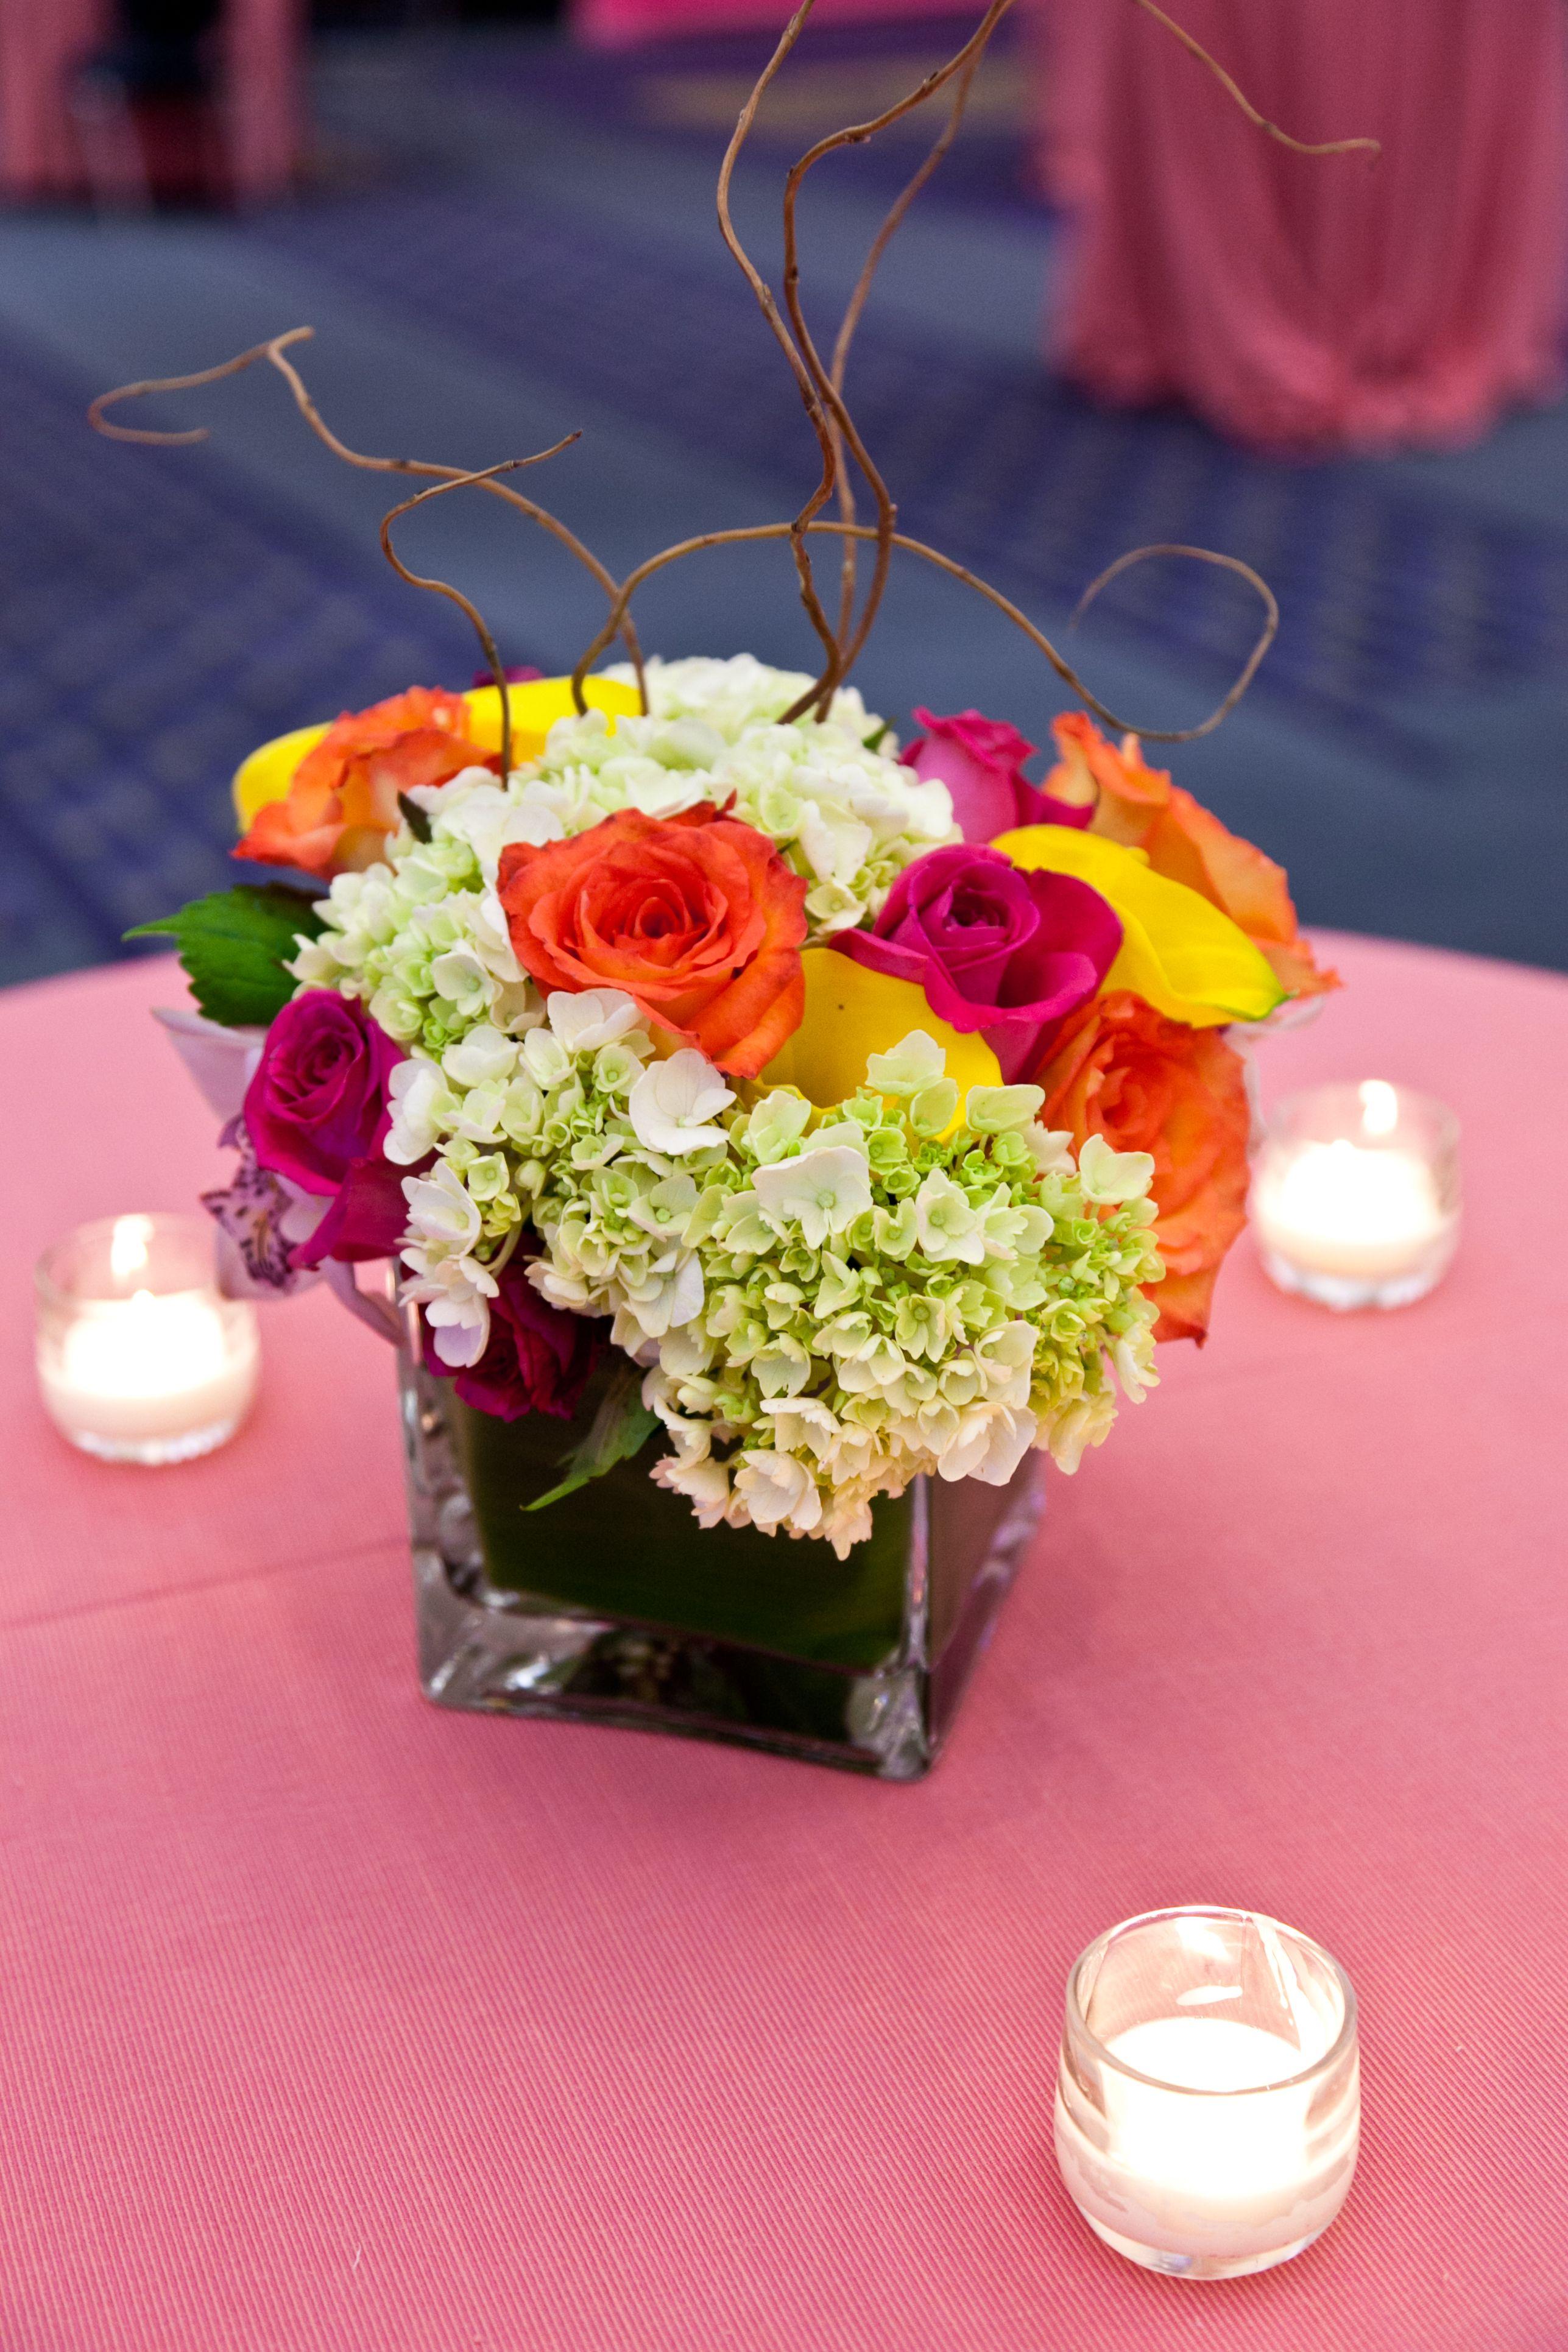 Spring flower arrangement by Safeway Festivalinspired Decor